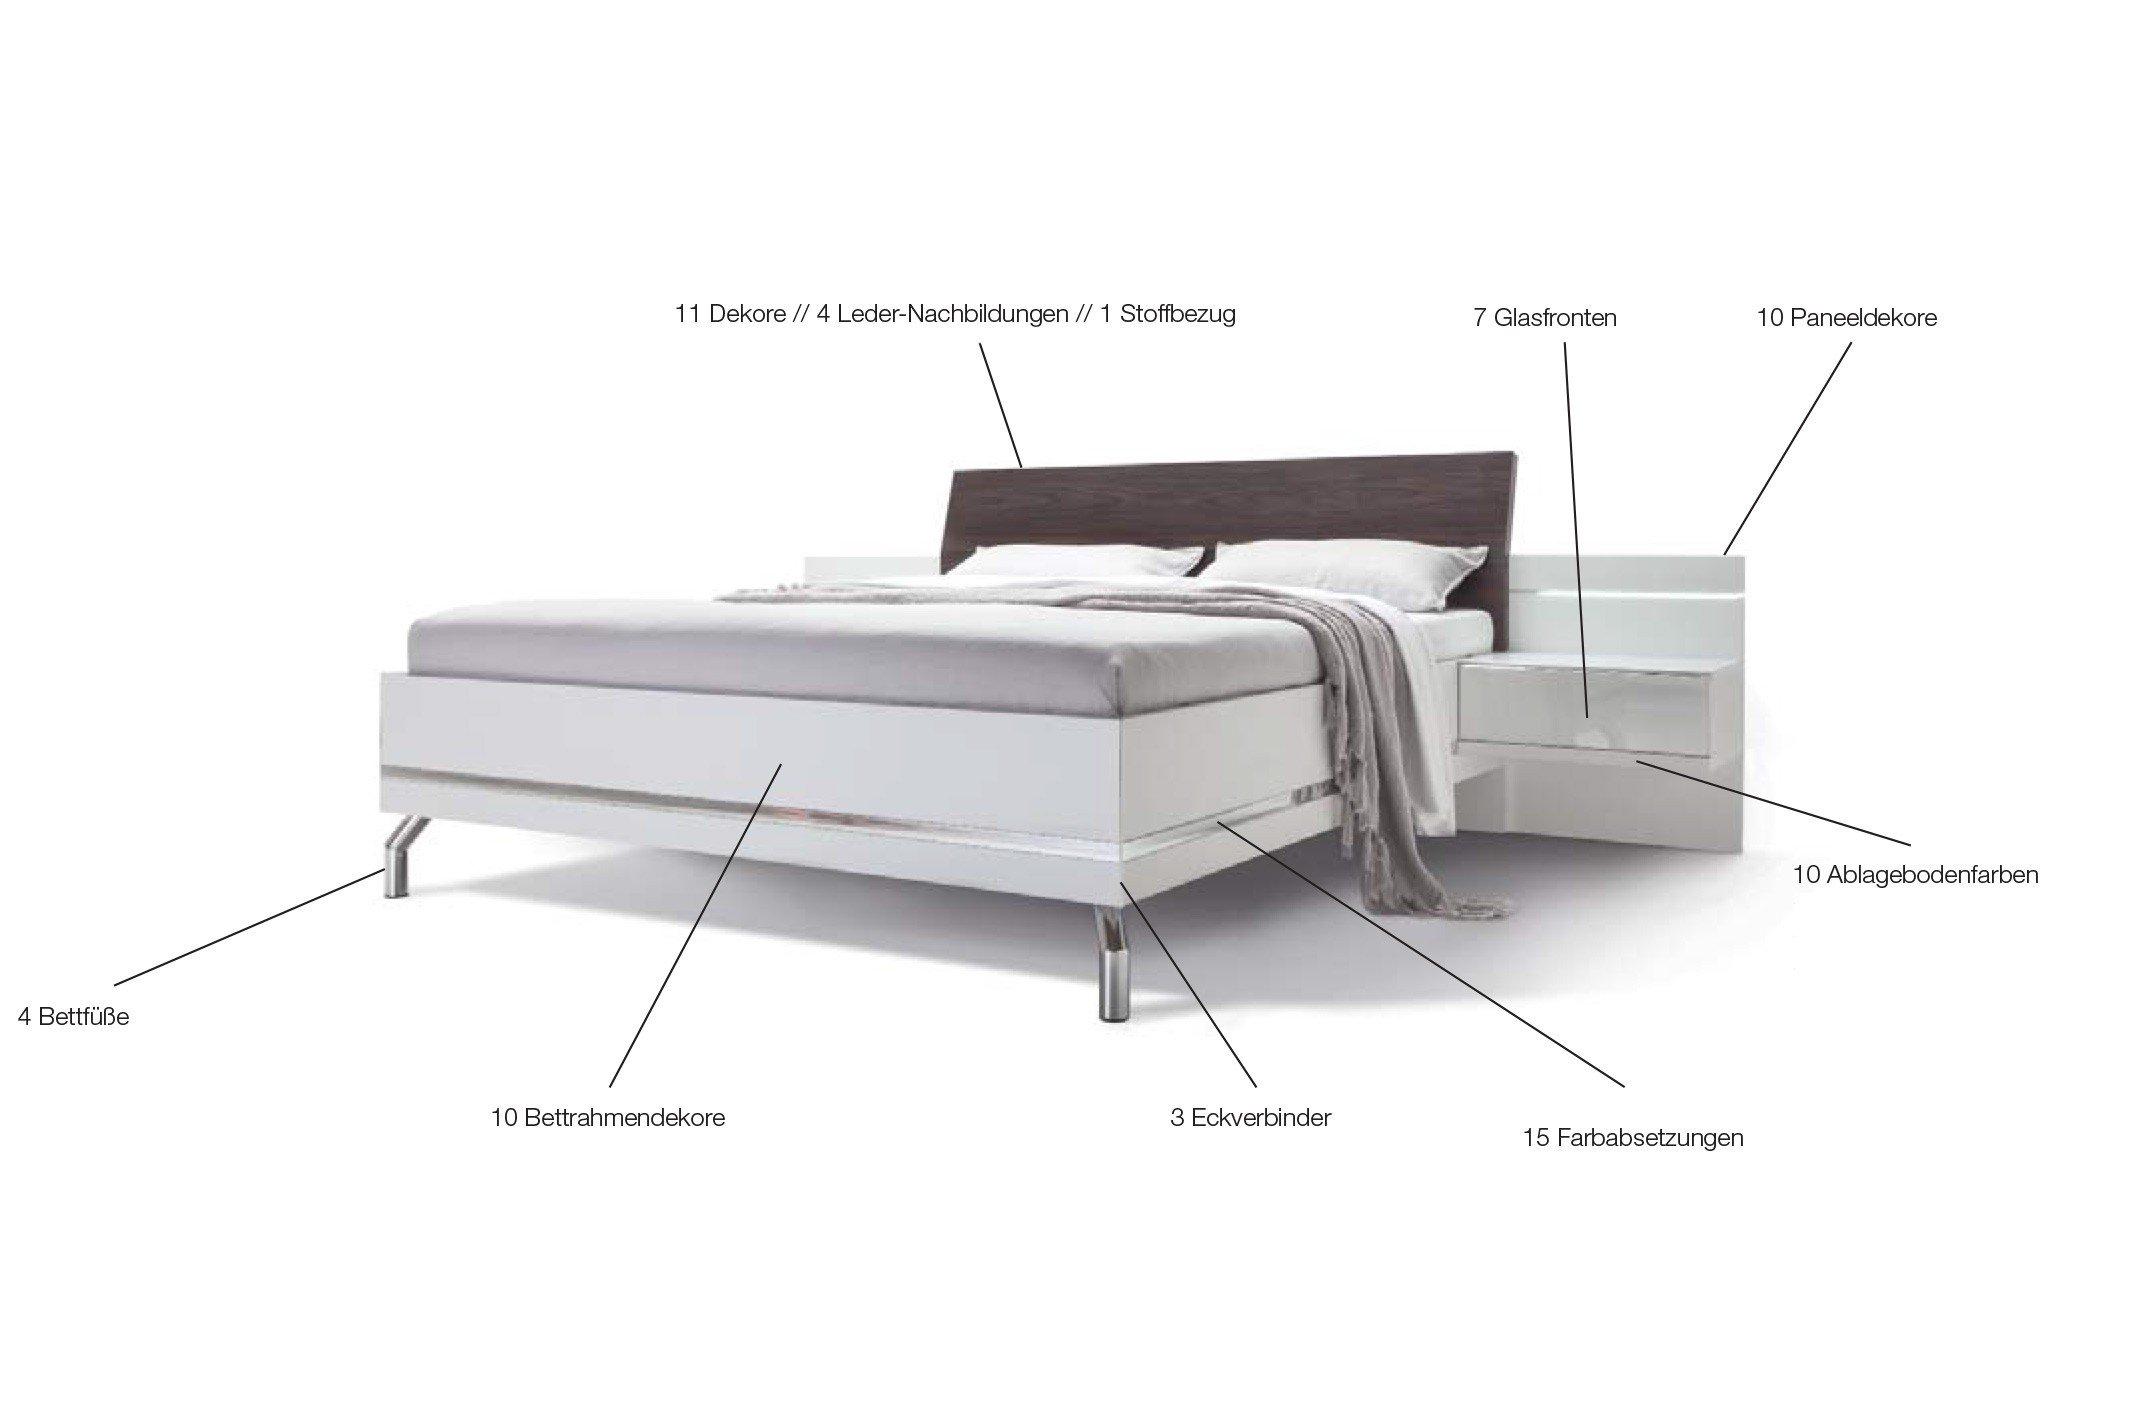 Full Size of Nolte Betten Sonyo Plus Bett 180x200 Preise Schlafzimmer Essen Germersheim Doppelbett 140x200 Konfigurator 200x200 Kopfteil Hagen Bettenparadies Mit Bettkasten Bett Nolte Betten